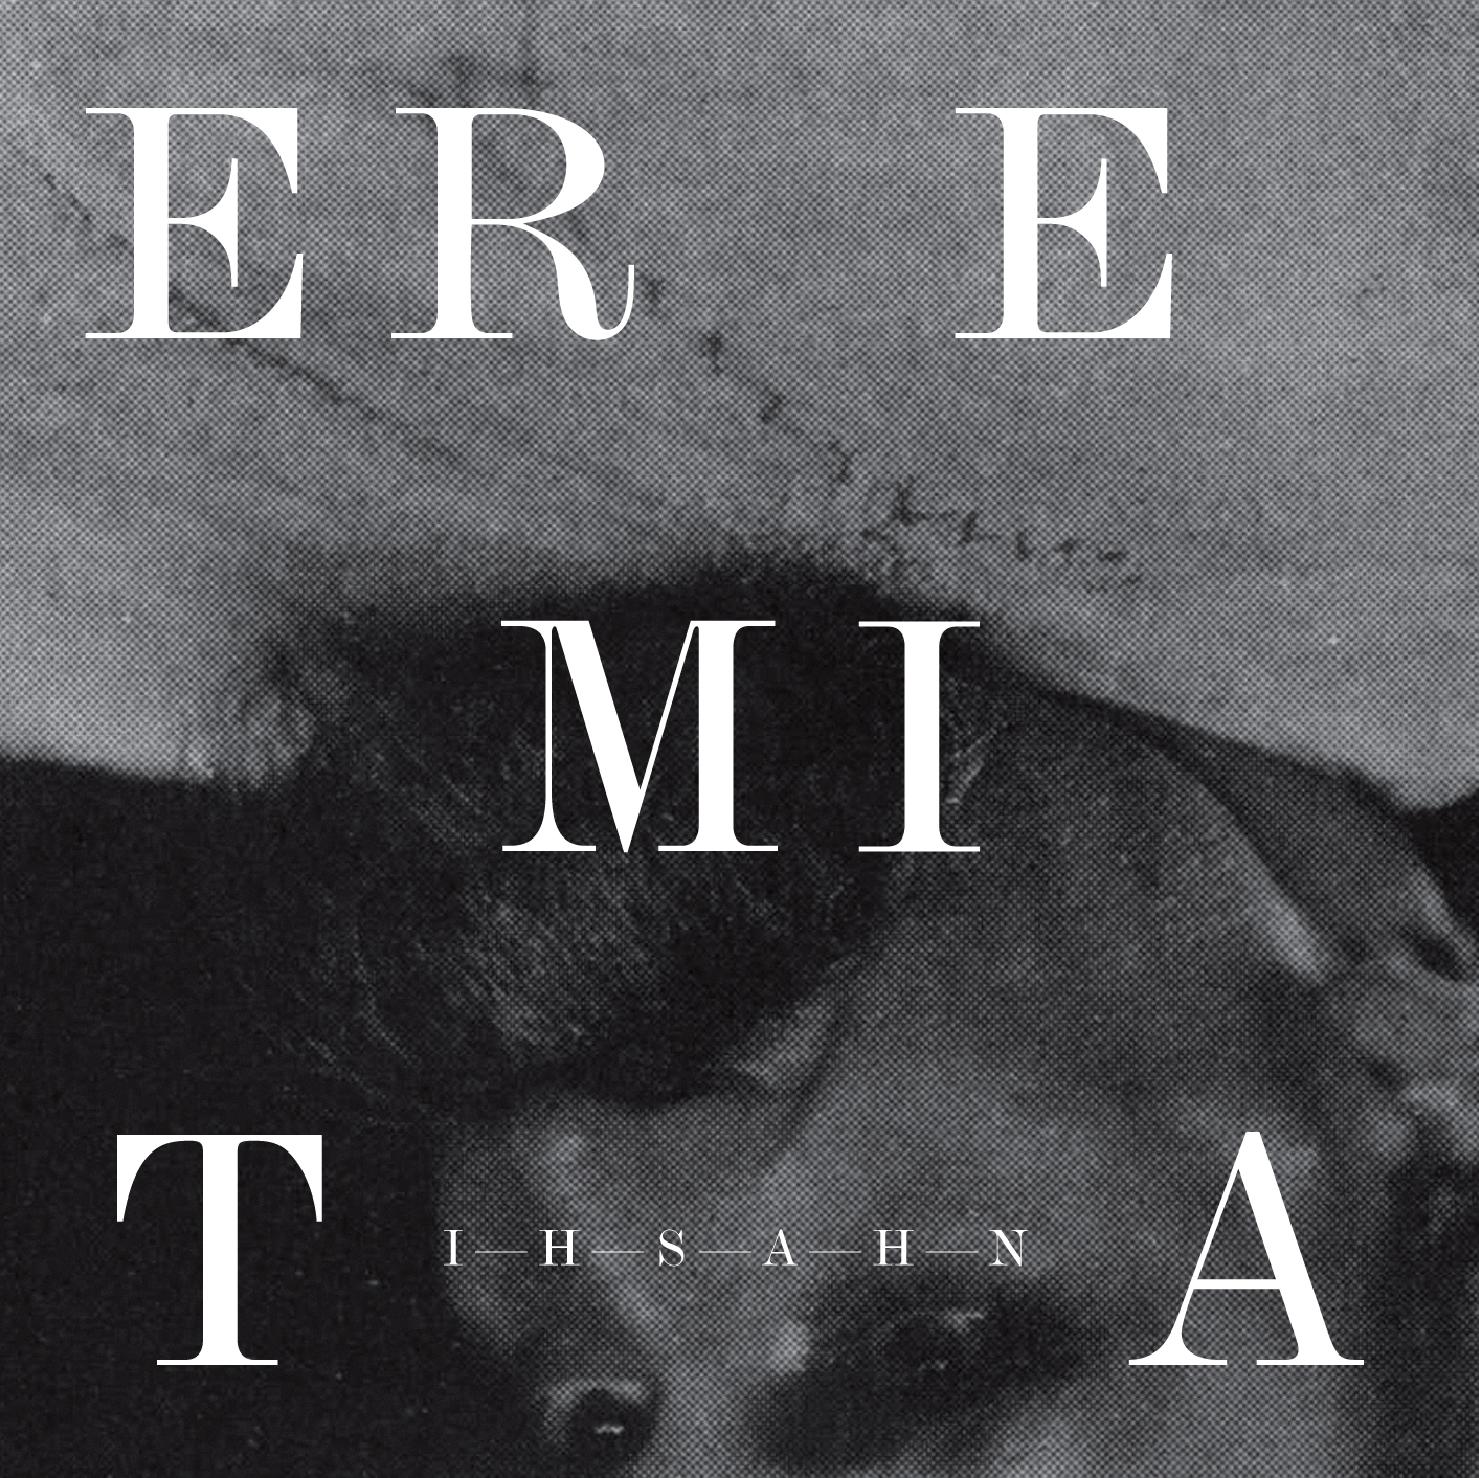 Ihsahn – Eremita Review